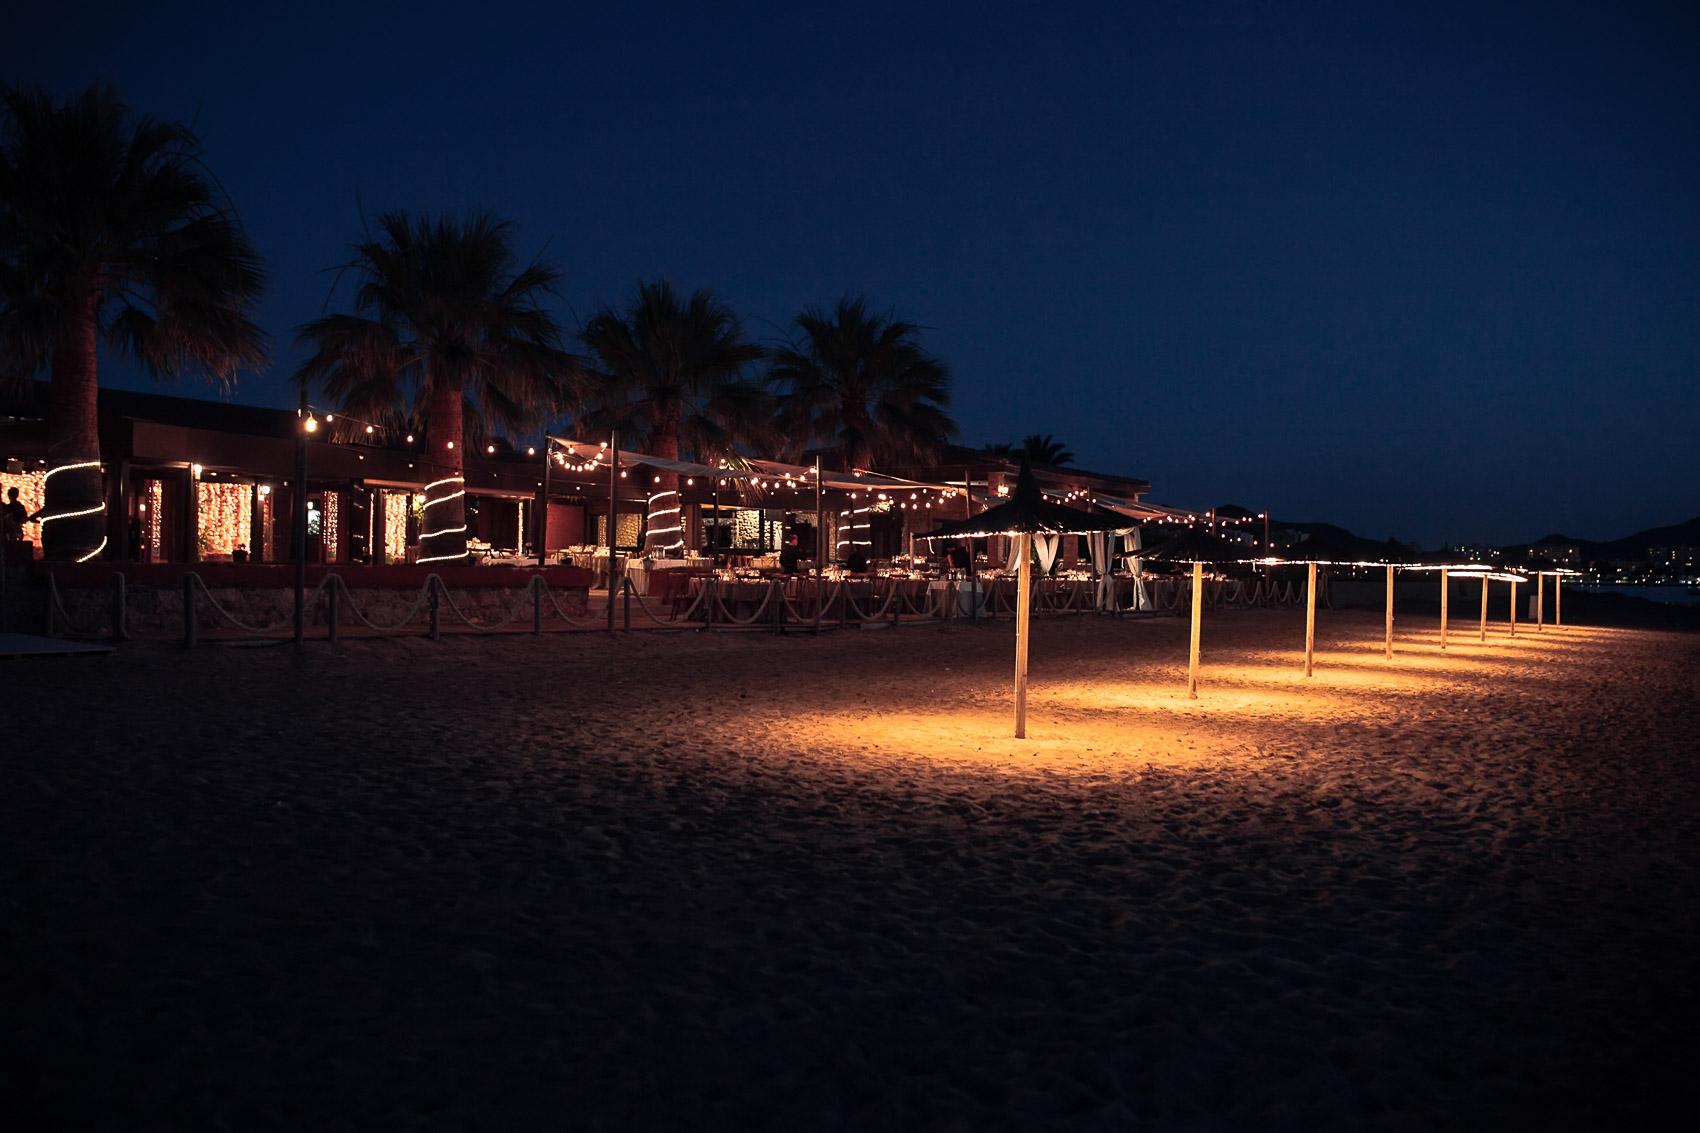 retaurante beach parador luces decoracion valisse noche